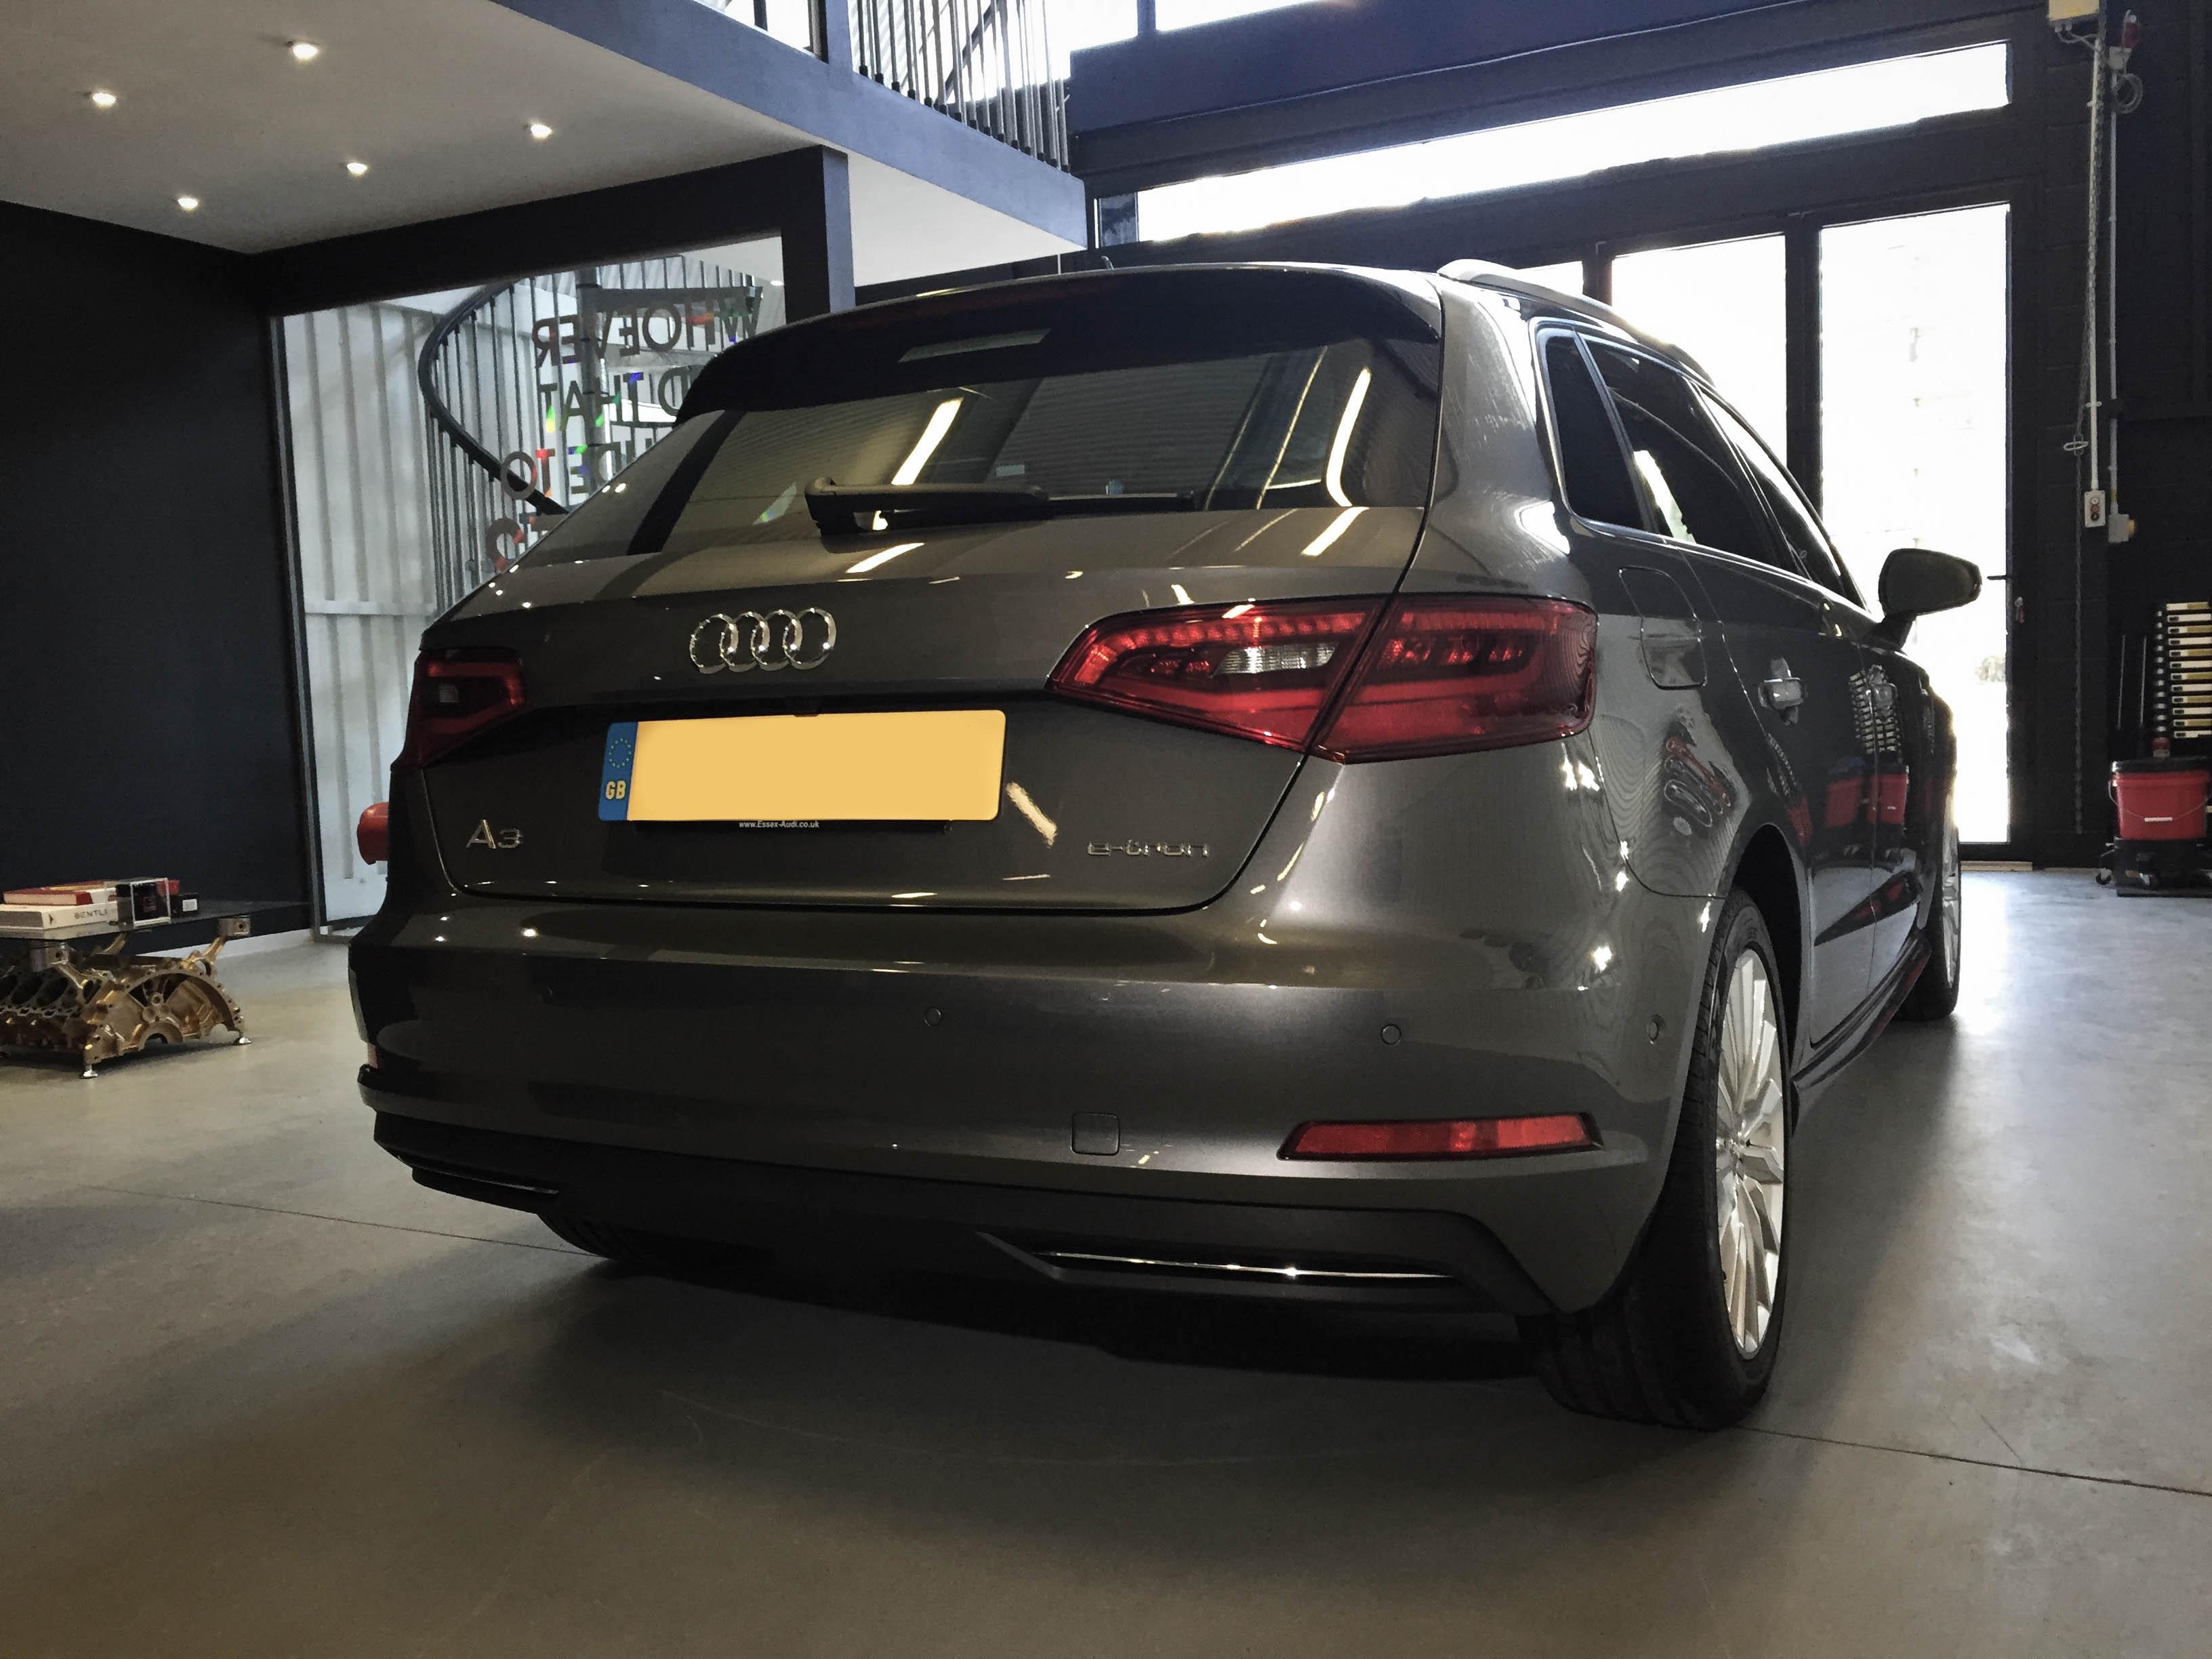 Audi-A3-e-tron-etron-rear